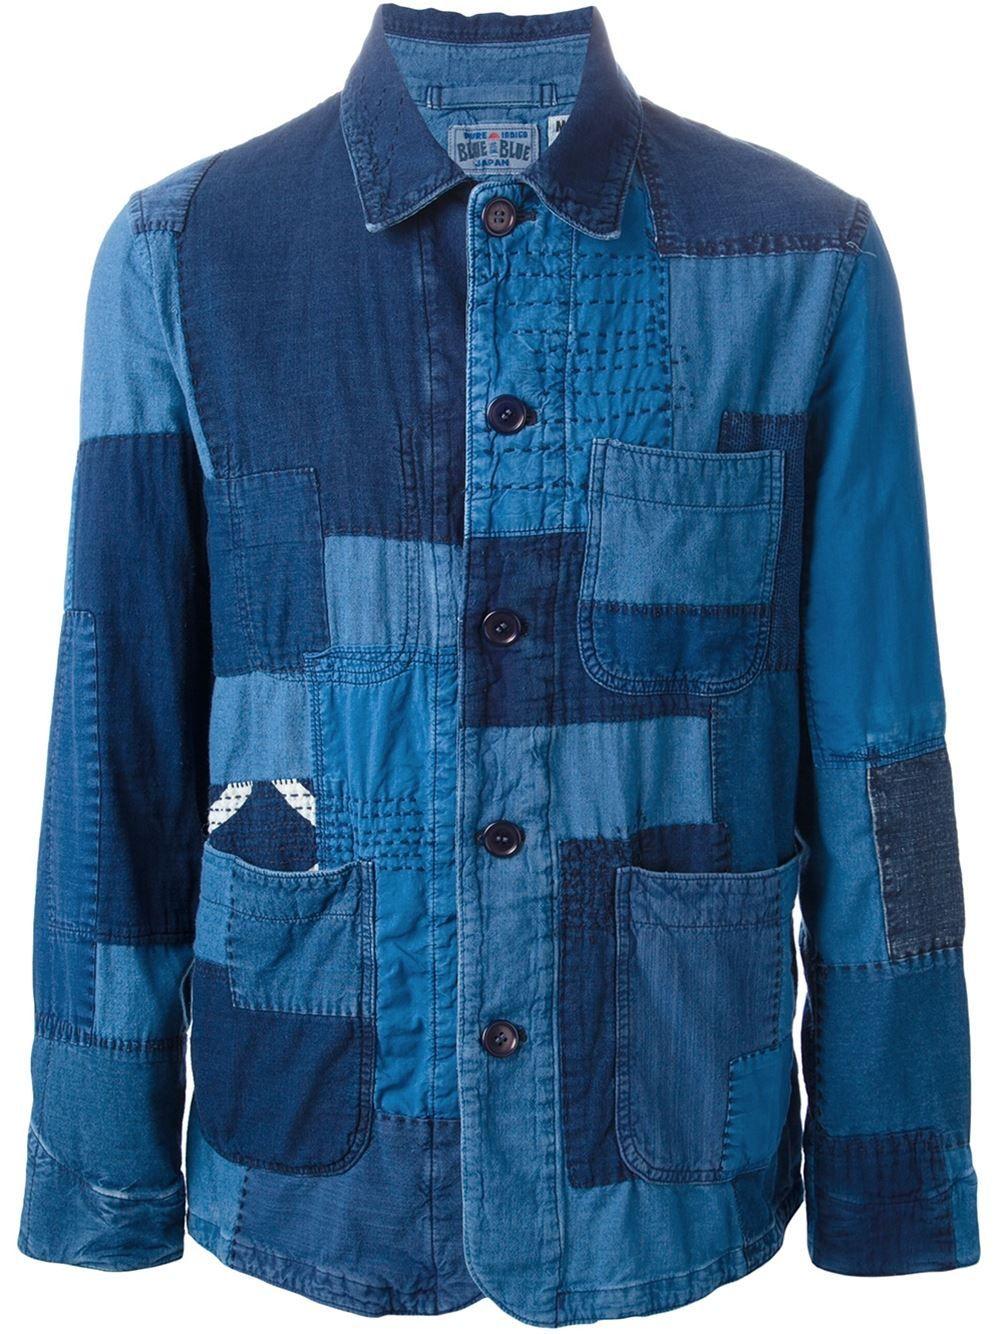 Blue Blue Japan Blue Patchwork Denim Jacket For Men Denim Patchwork Denim Jacket Men Denim Jacket